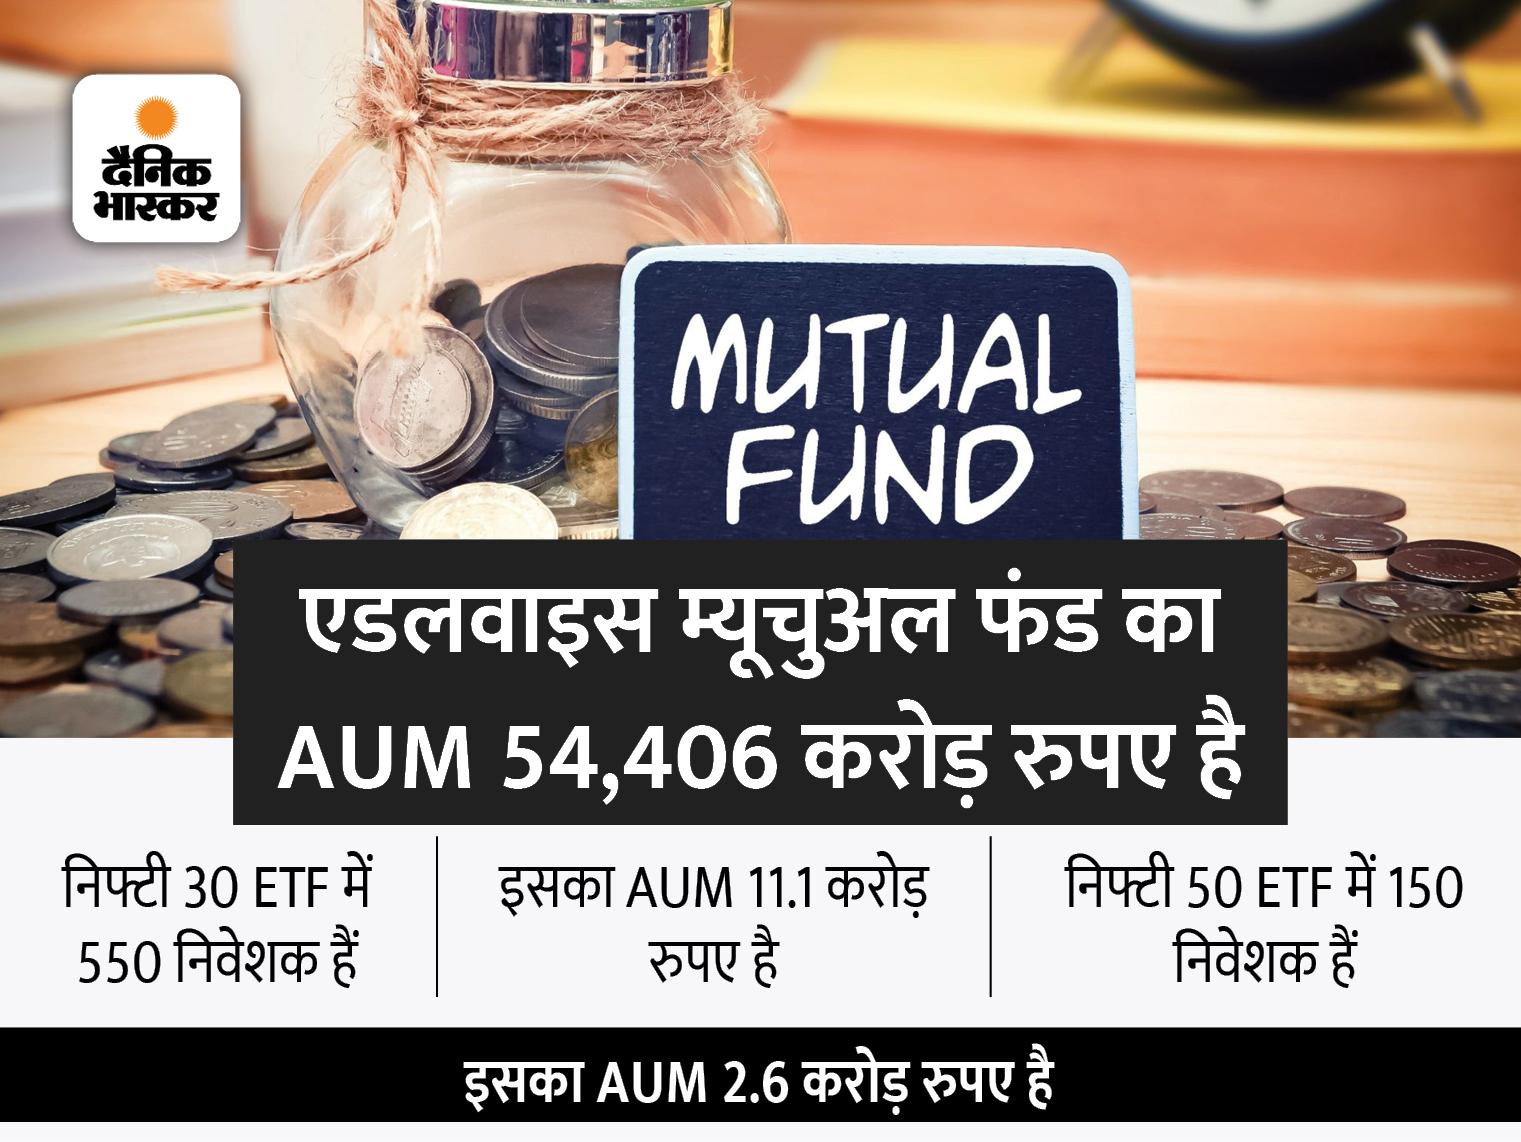 एडलवाइस म्यूचुअल फंड के ETF में निवेशकों ने नहीं दिखाया दम, कंपनी इसे अब इंडेक्स फंड में बदलेगी बिजनेस,Business - Dainik Bhaskar